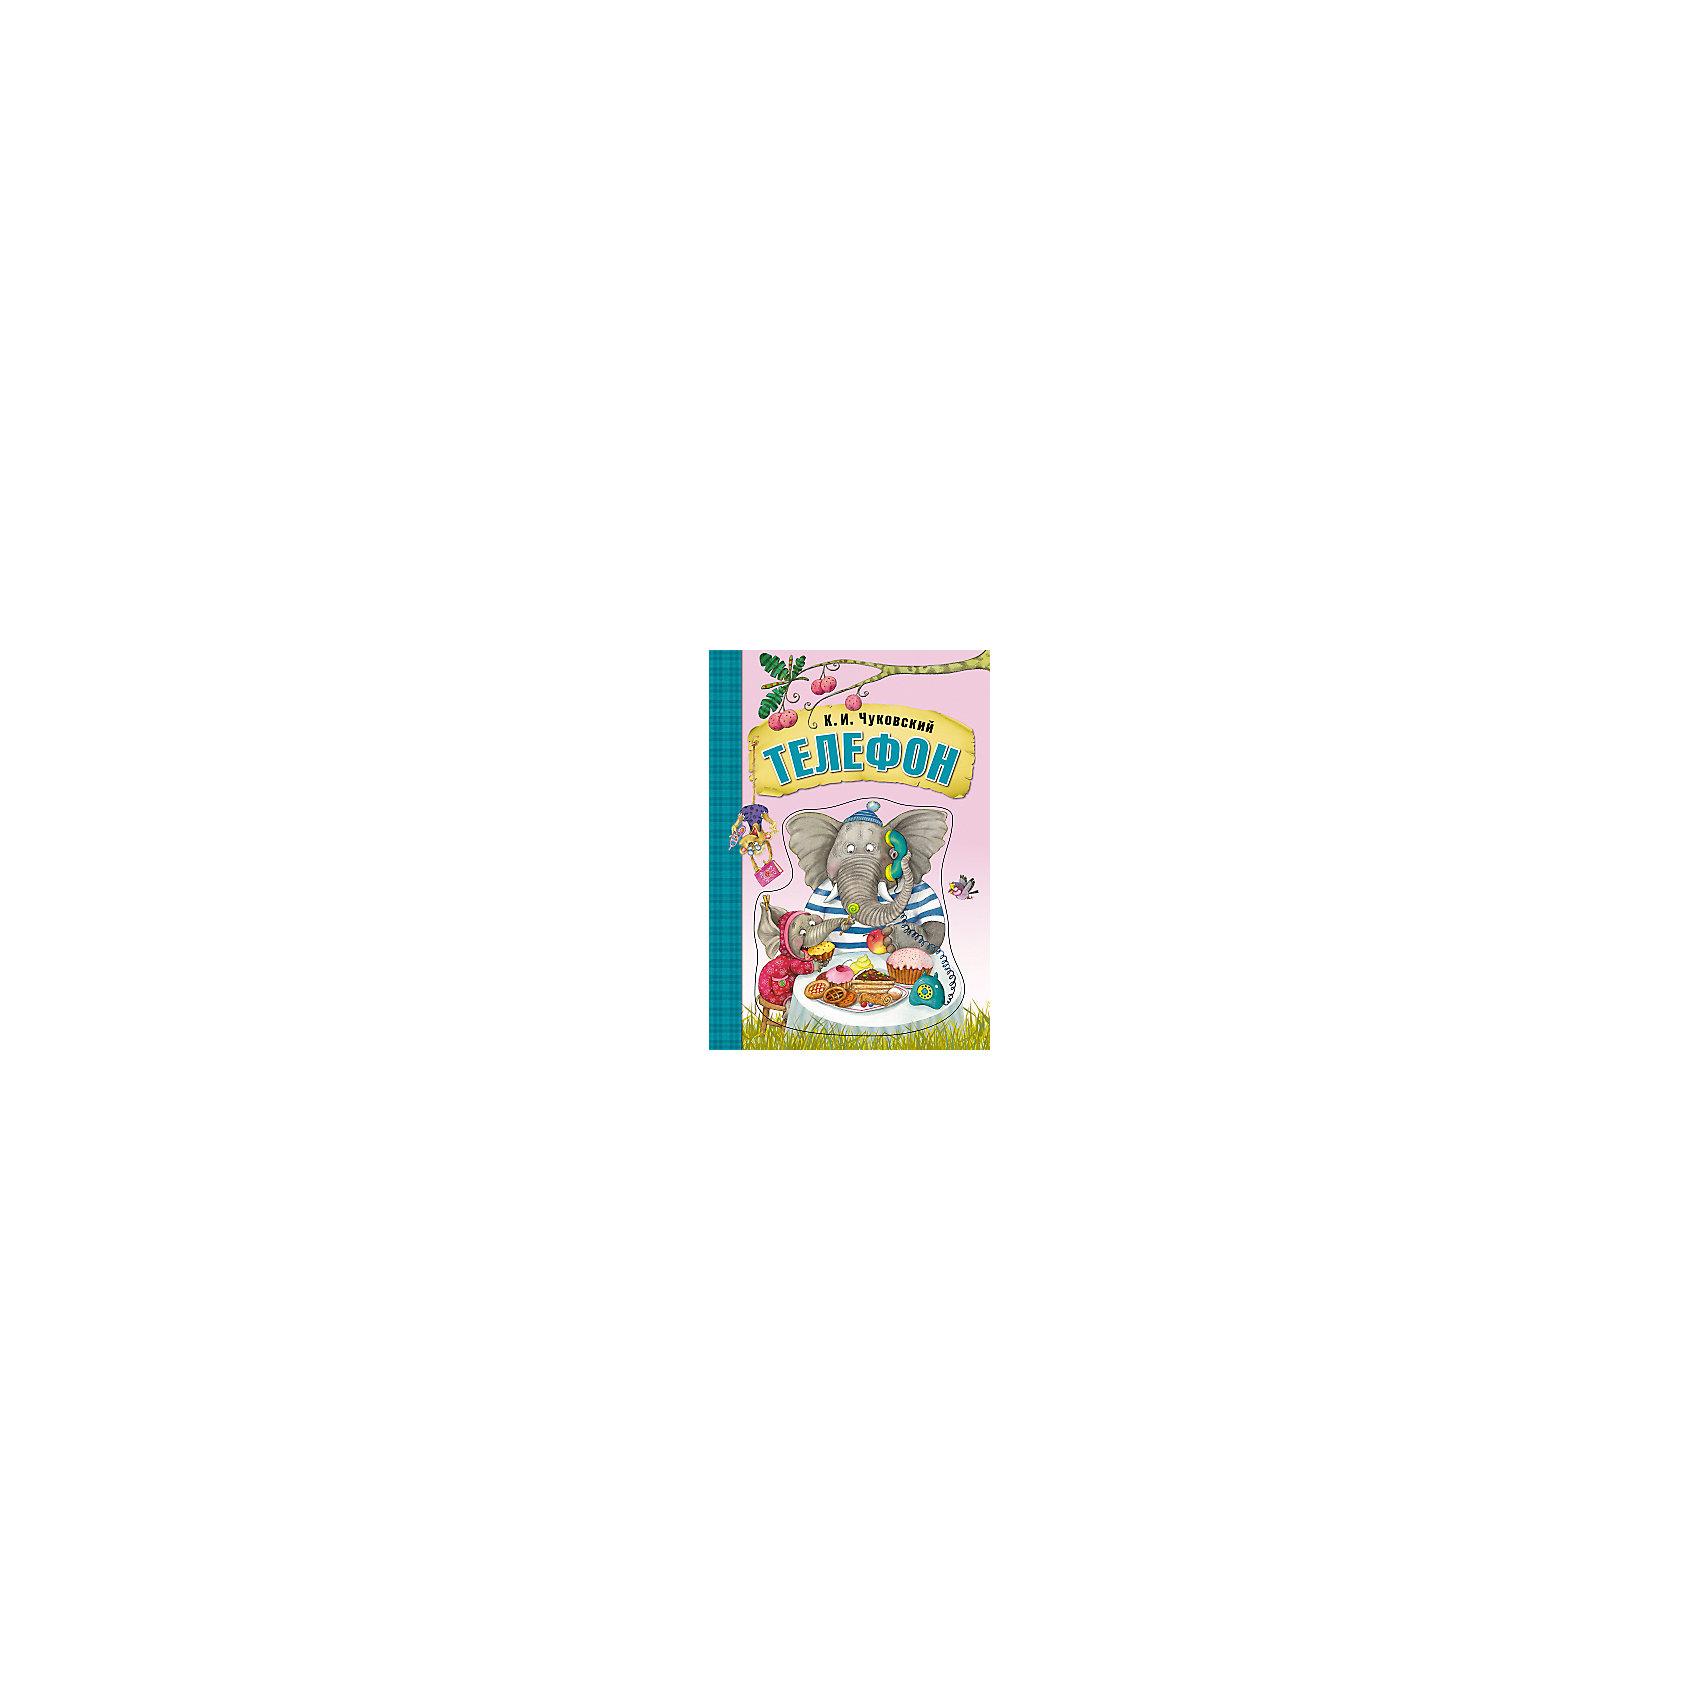 Телефон, картон, К.И. ЧуковскийЧуковский К.И.<br>Сказки К.И. Чуковского Телефон, книга на картоне.<br><br>Характеристики:<br><br>• Для детей в возрасте: от 1,5 до 7 лет<br>• Автор: Корней Иванович Чуковский<br>• Художник: Любовь Еремина<br>• Издательство: Мозаика-Синтез<br>• Серия: Любимые сказки К. И. Чуковского. Книги на картоне<br>• Тип обложки: картон с объемной фигурной вставкой<br>• Иллюстрации: цветные<br>• Количество страниц: 16 (плотный ламинированный картон)<br>• Размер: 190х270х10 мм.<br>• Вес: 367 гр.<br>• ISBN: 9785431506963<br><br>Книга на картоне с красивой объемной фигурной вставкой на обложке, дополненной изображением говорящего по телефону слона, обязательно станет любимой книгой вашего малыша! Сказка Корнея Ивановича Чуковского «Телефон» знакома всем с детства. Страницы книги, выполненные из плотного картона, будут очень удобны для маленьких детских ручек и непоседы смогут самостоятельно переворачивать их, наслаждаясь понравившимися картинками. <br><br>Книгу на картоне Сказки К.И. Чуковского Телефон можно купить в нашем интернет-магазине.<br><br>Ширина мм: 100<br>Глубина мм: 190<br>Высота мм: 270<br>Вес г: 367<br>Возраст от месяцев: 12<br>Возраст до месяцев: 84<br>Пол: Унисекс<br>Возраст: Детский<br>SKU: 5523243